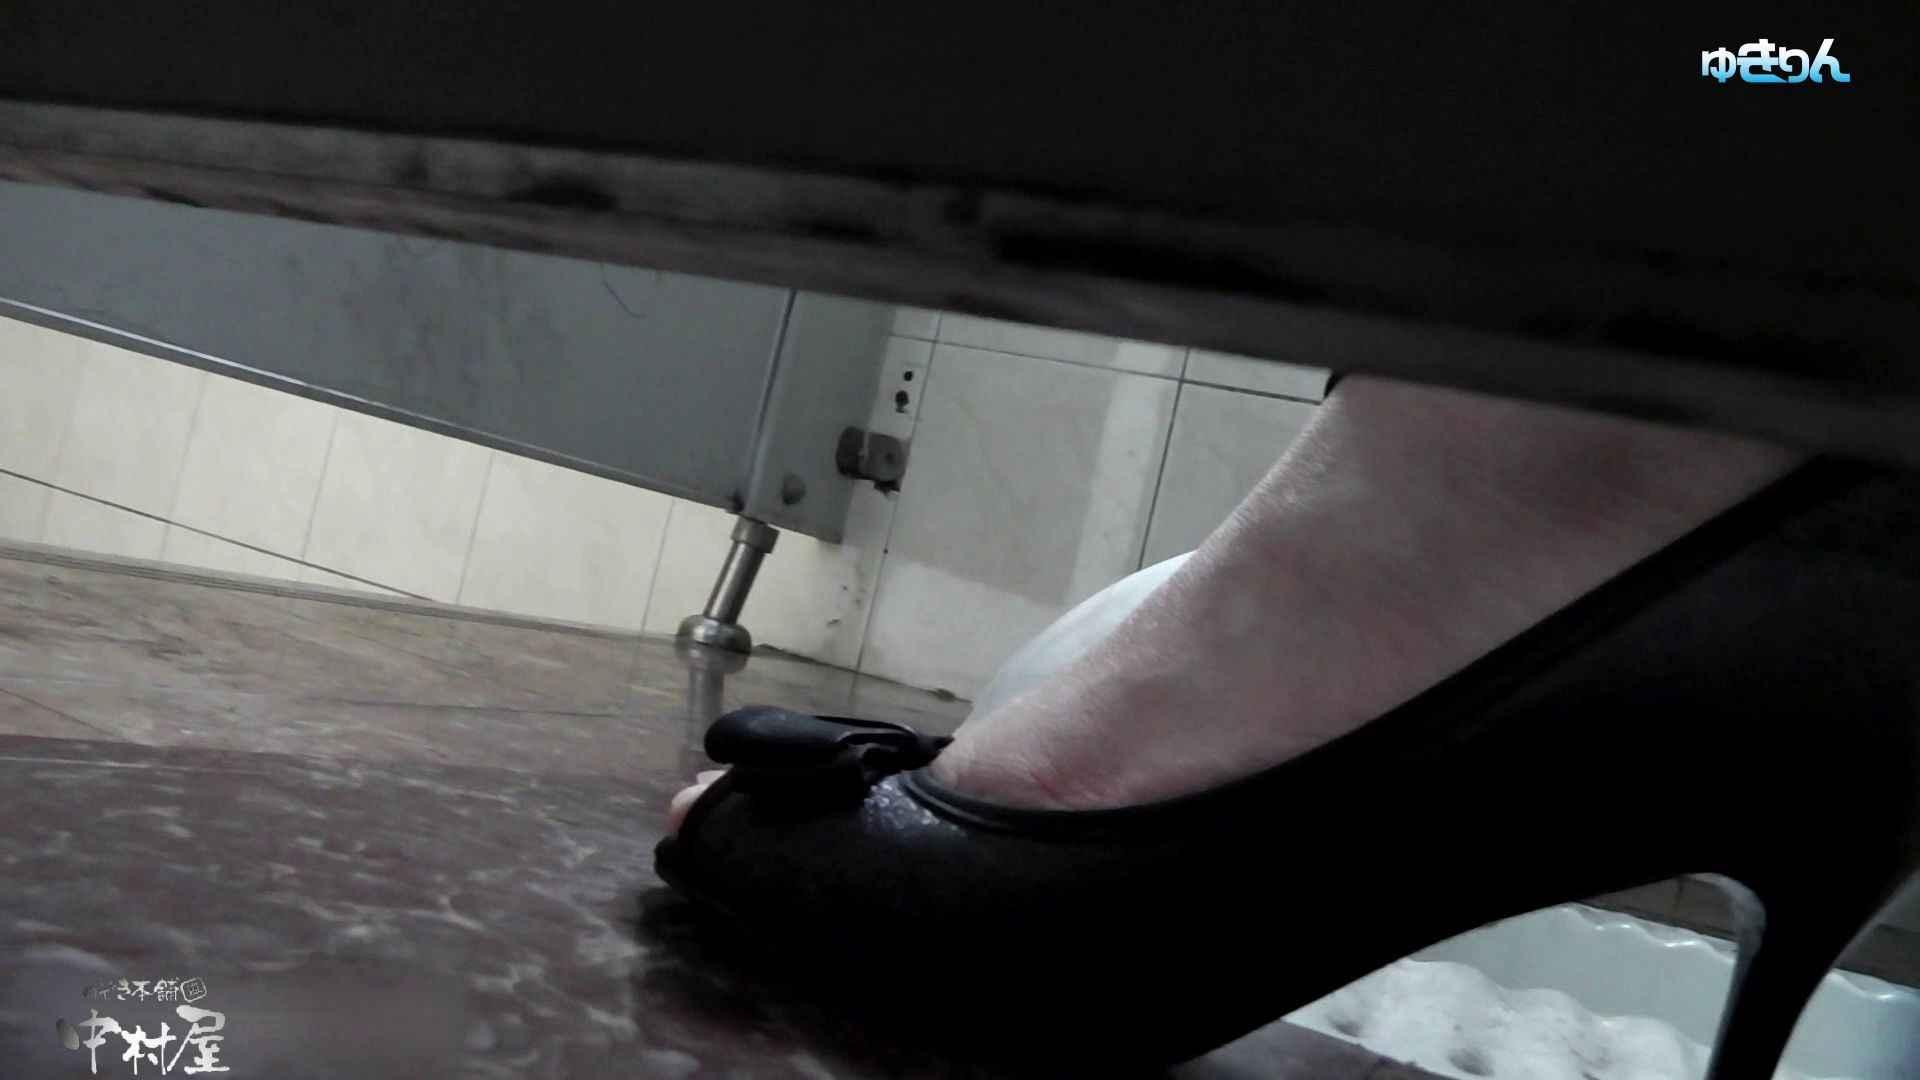 世界の射窓から~ステーション編 vol60 ユキリン粘着撮り!!今回はタイトなパンツが似合う美女 美女丸裸  100pic 94